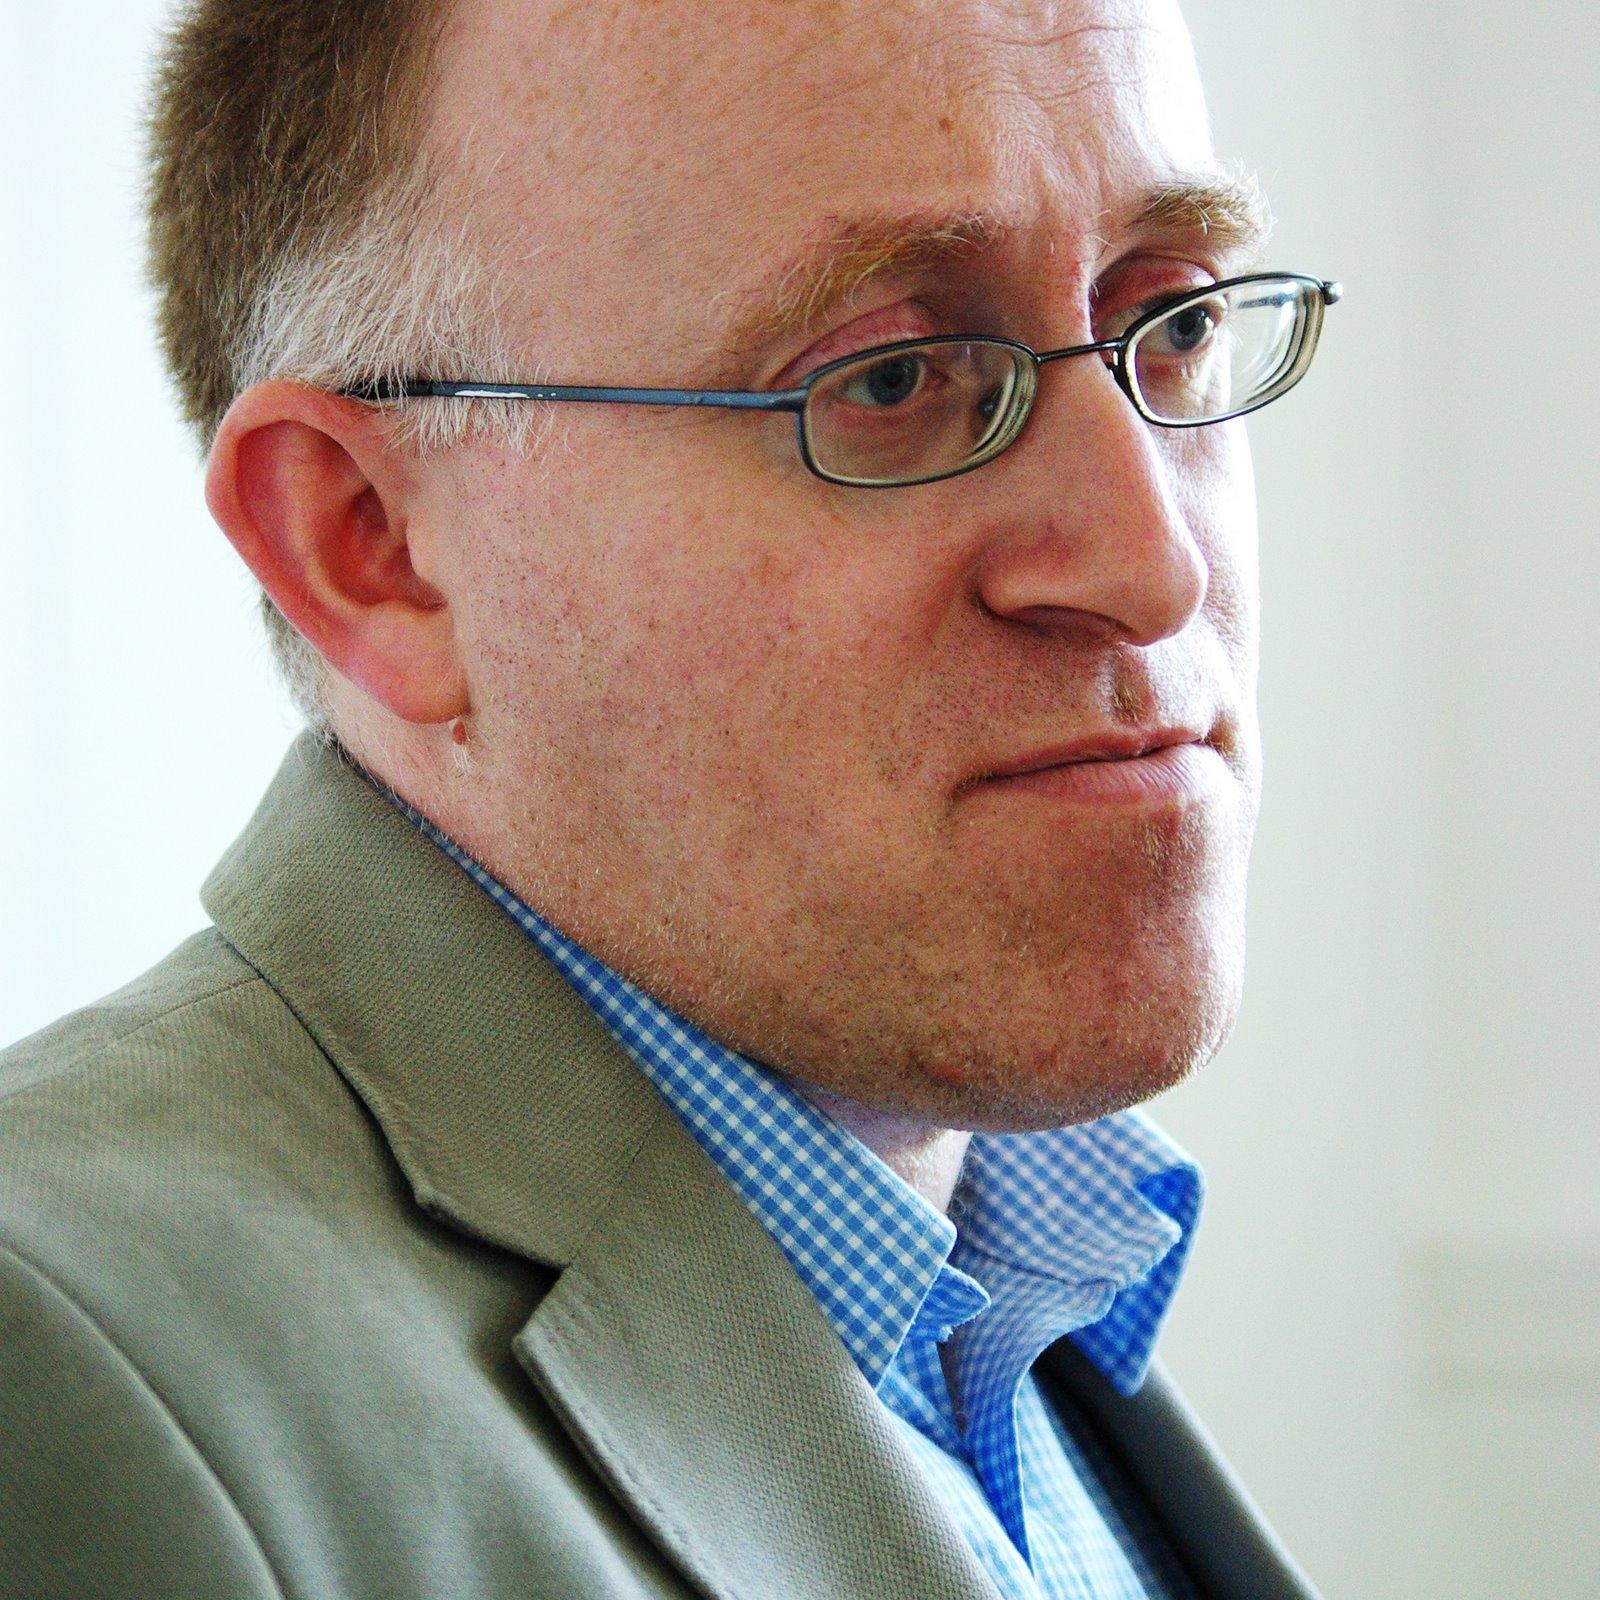 Adrian Slatcher